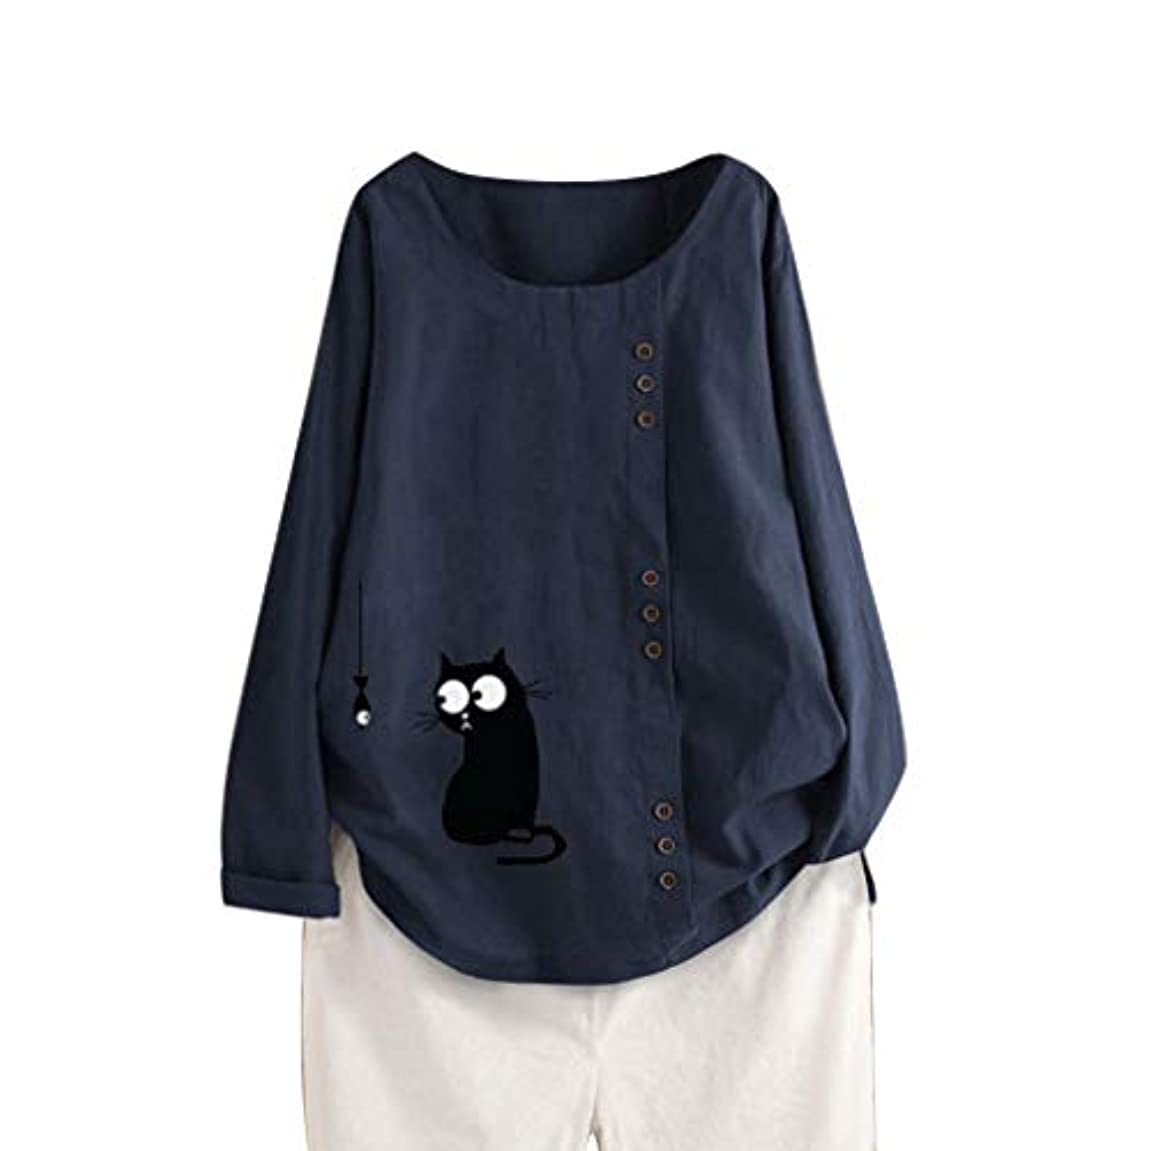 メリー恐ろしいですラジカルAguleaph レディース Tシャツ おおきいサイズ 長袖 コットンとリネン 花柄 トップス 学生 洋服 お出かけ ワイシャツ 流行り ブラウス 快適な 軽い 柔らかい かっこいい カジュアル シンプル オシャレ 春夏秋